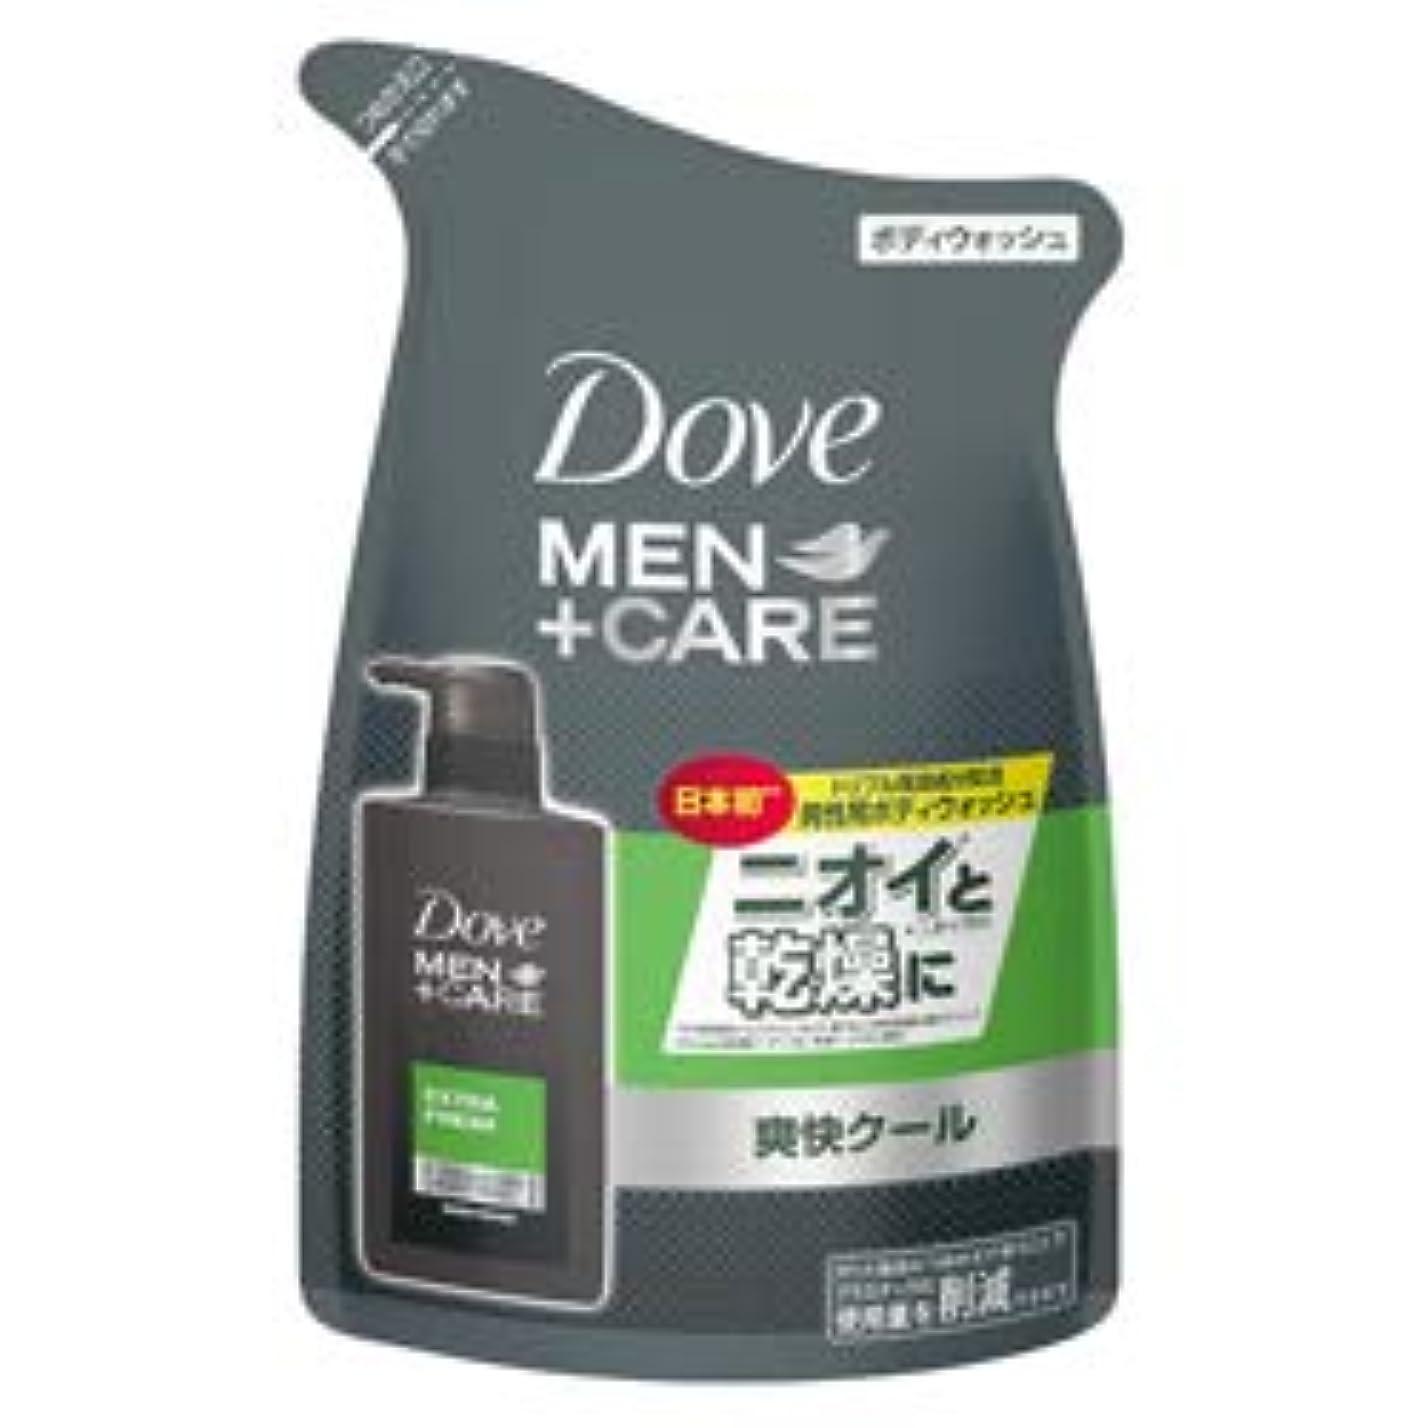 繊毛省丁寧ダヴメン+ケア ボディウォッシュ エクストラフレッシュ つめかえ用 320g × 5個セット